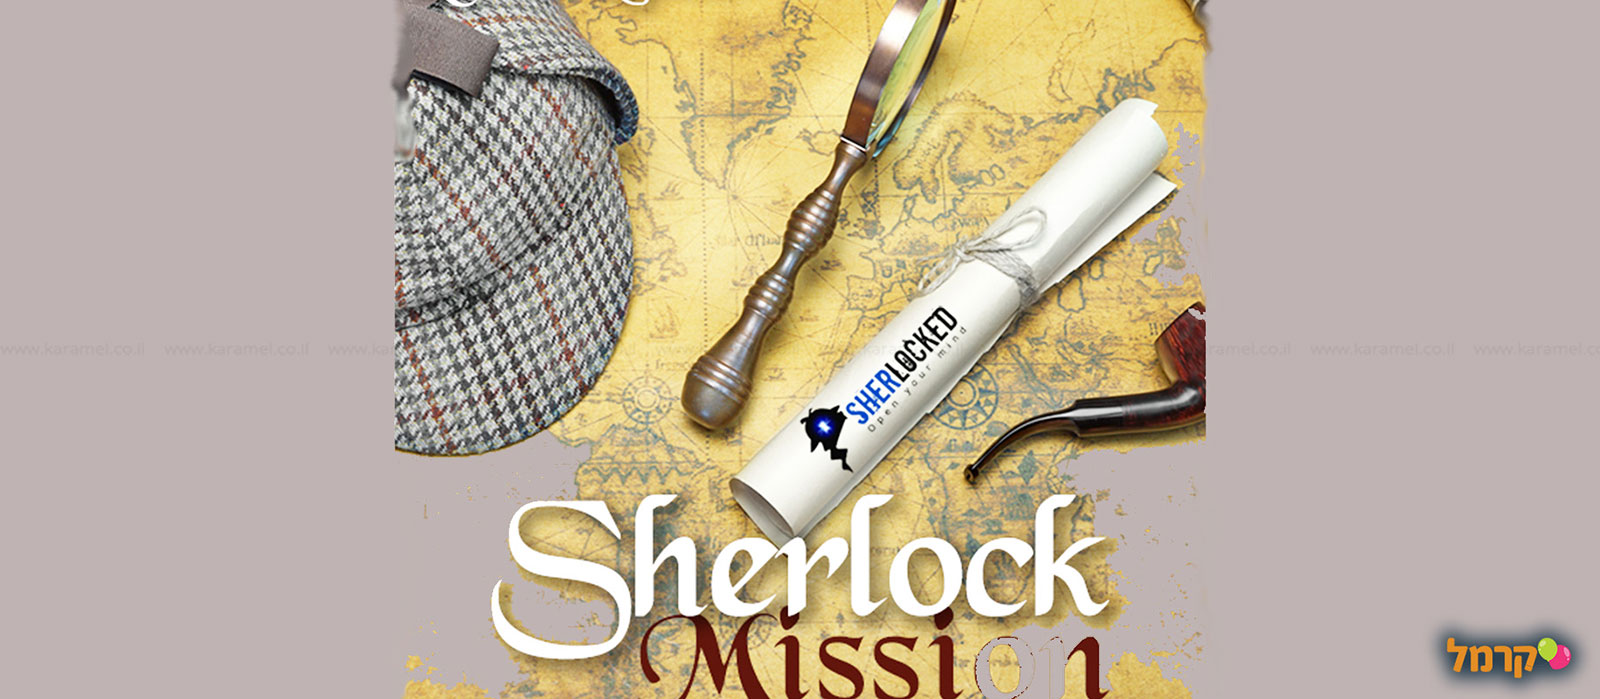 Sherlocked חדרי בריחה - 073-7025442